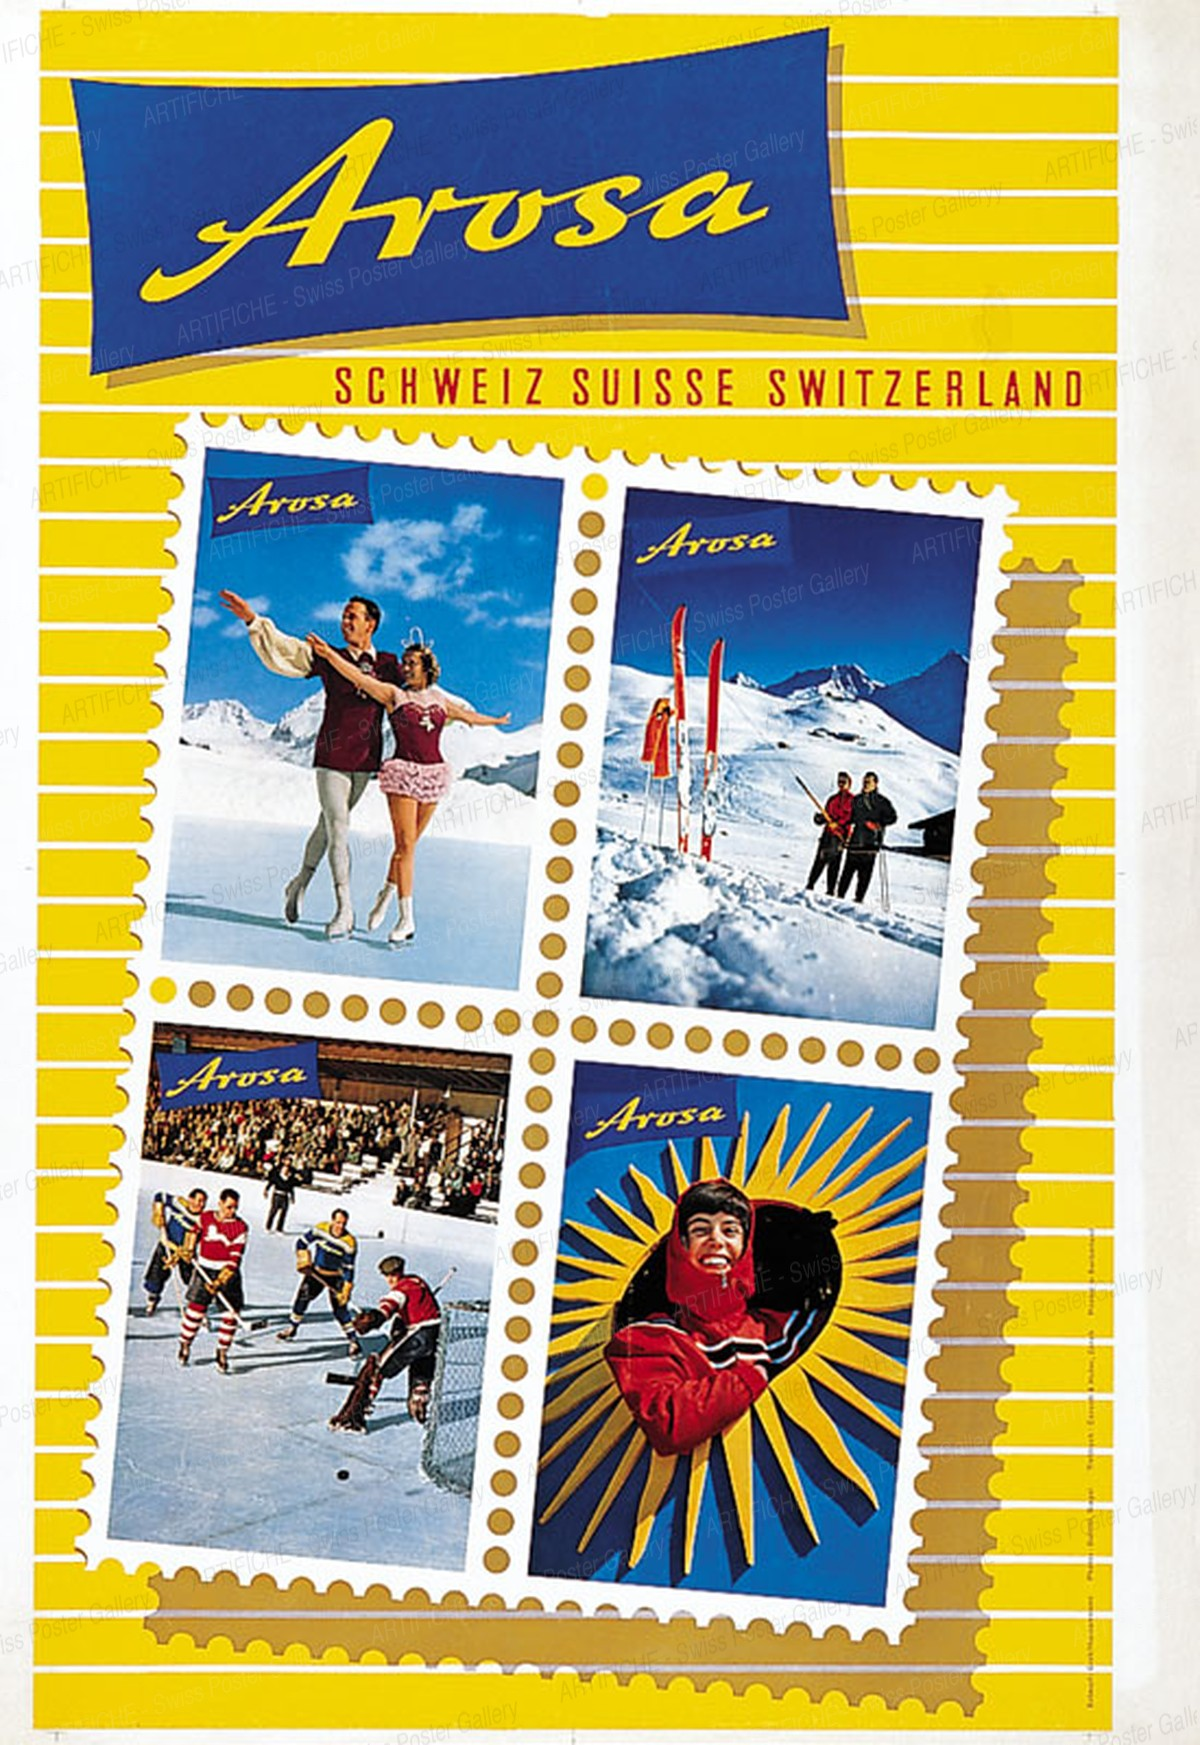 Arosa Schweiz Suisse Switzerland, Wolfgang Hausamann